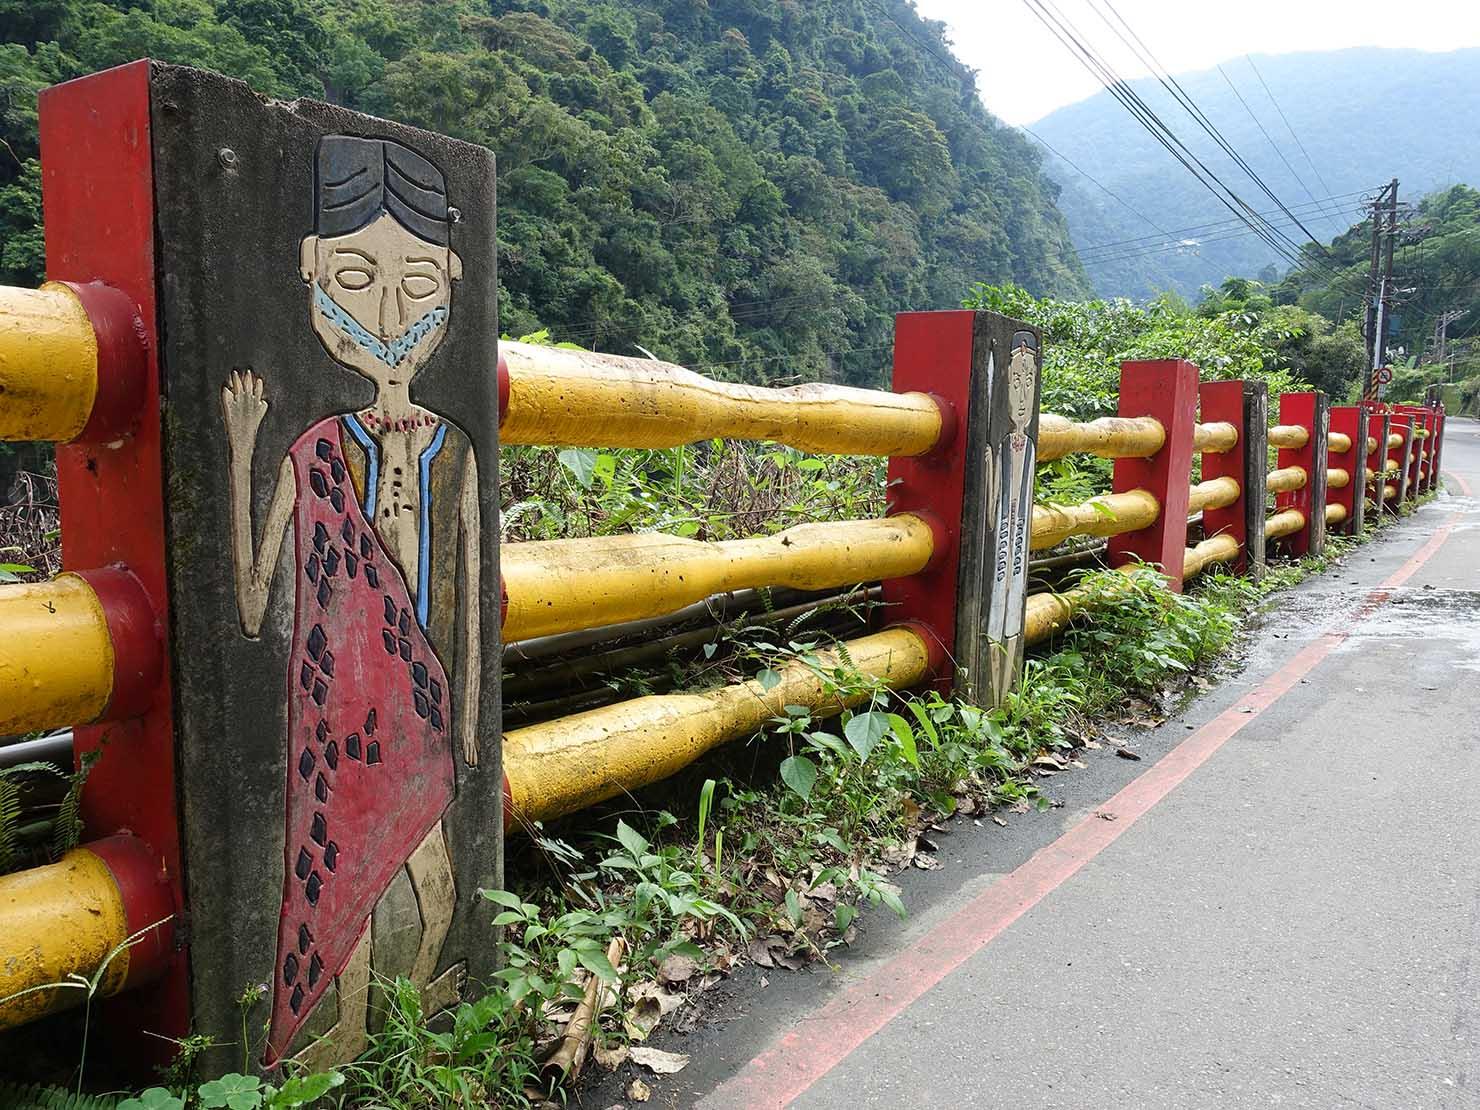 台北・烏來温泉の柵に描かれた泰雅族(タイヤル族)の肖像